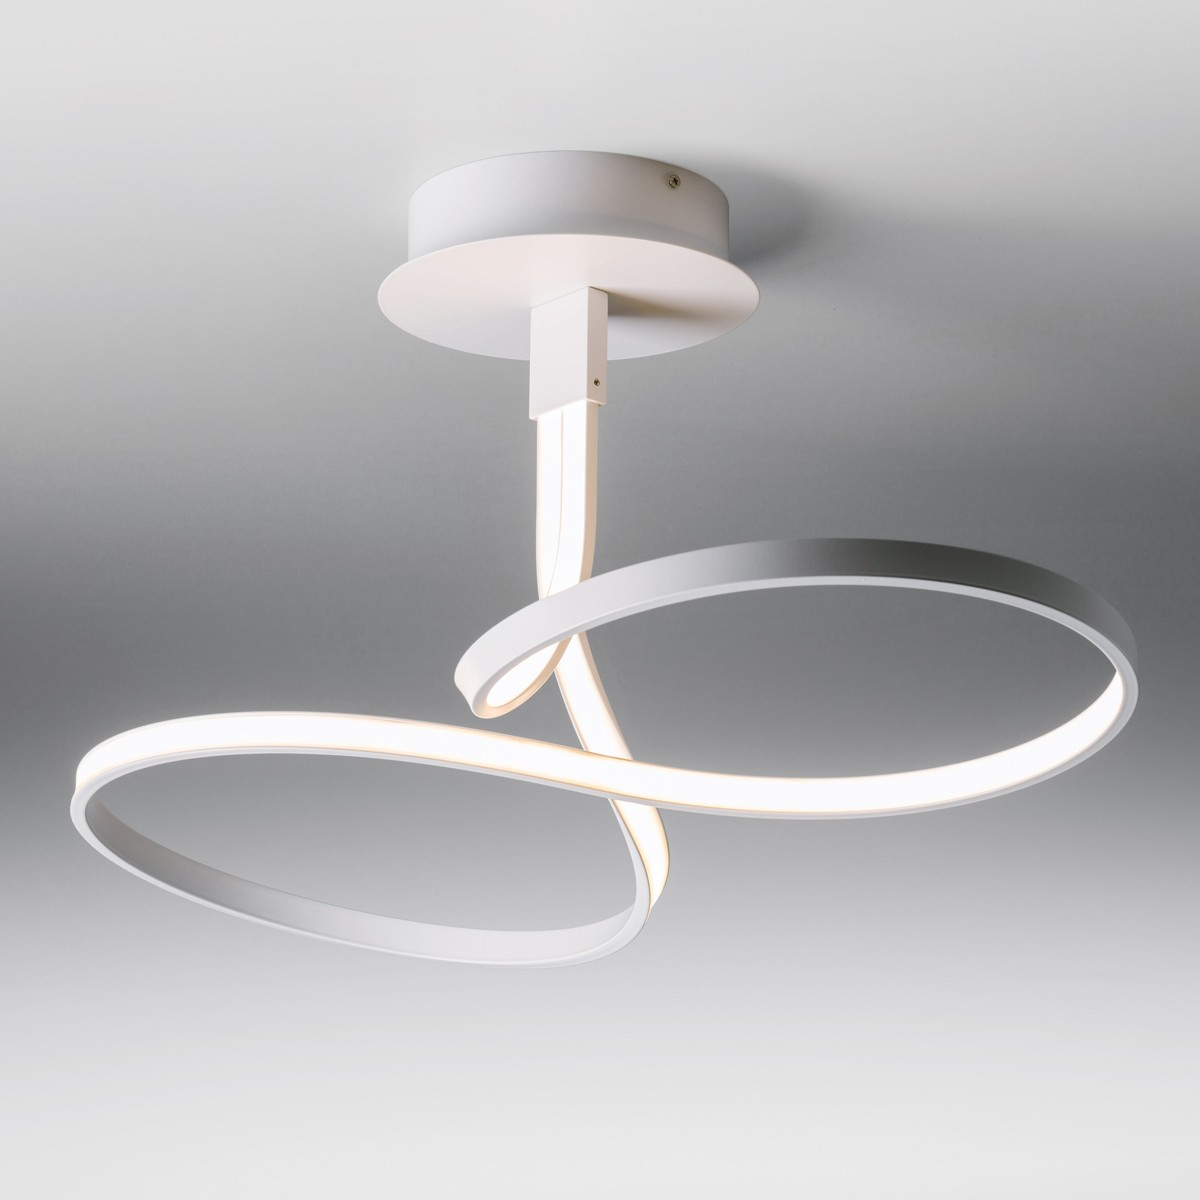 Lupia Licht Loop Deckenleuchte, weiß